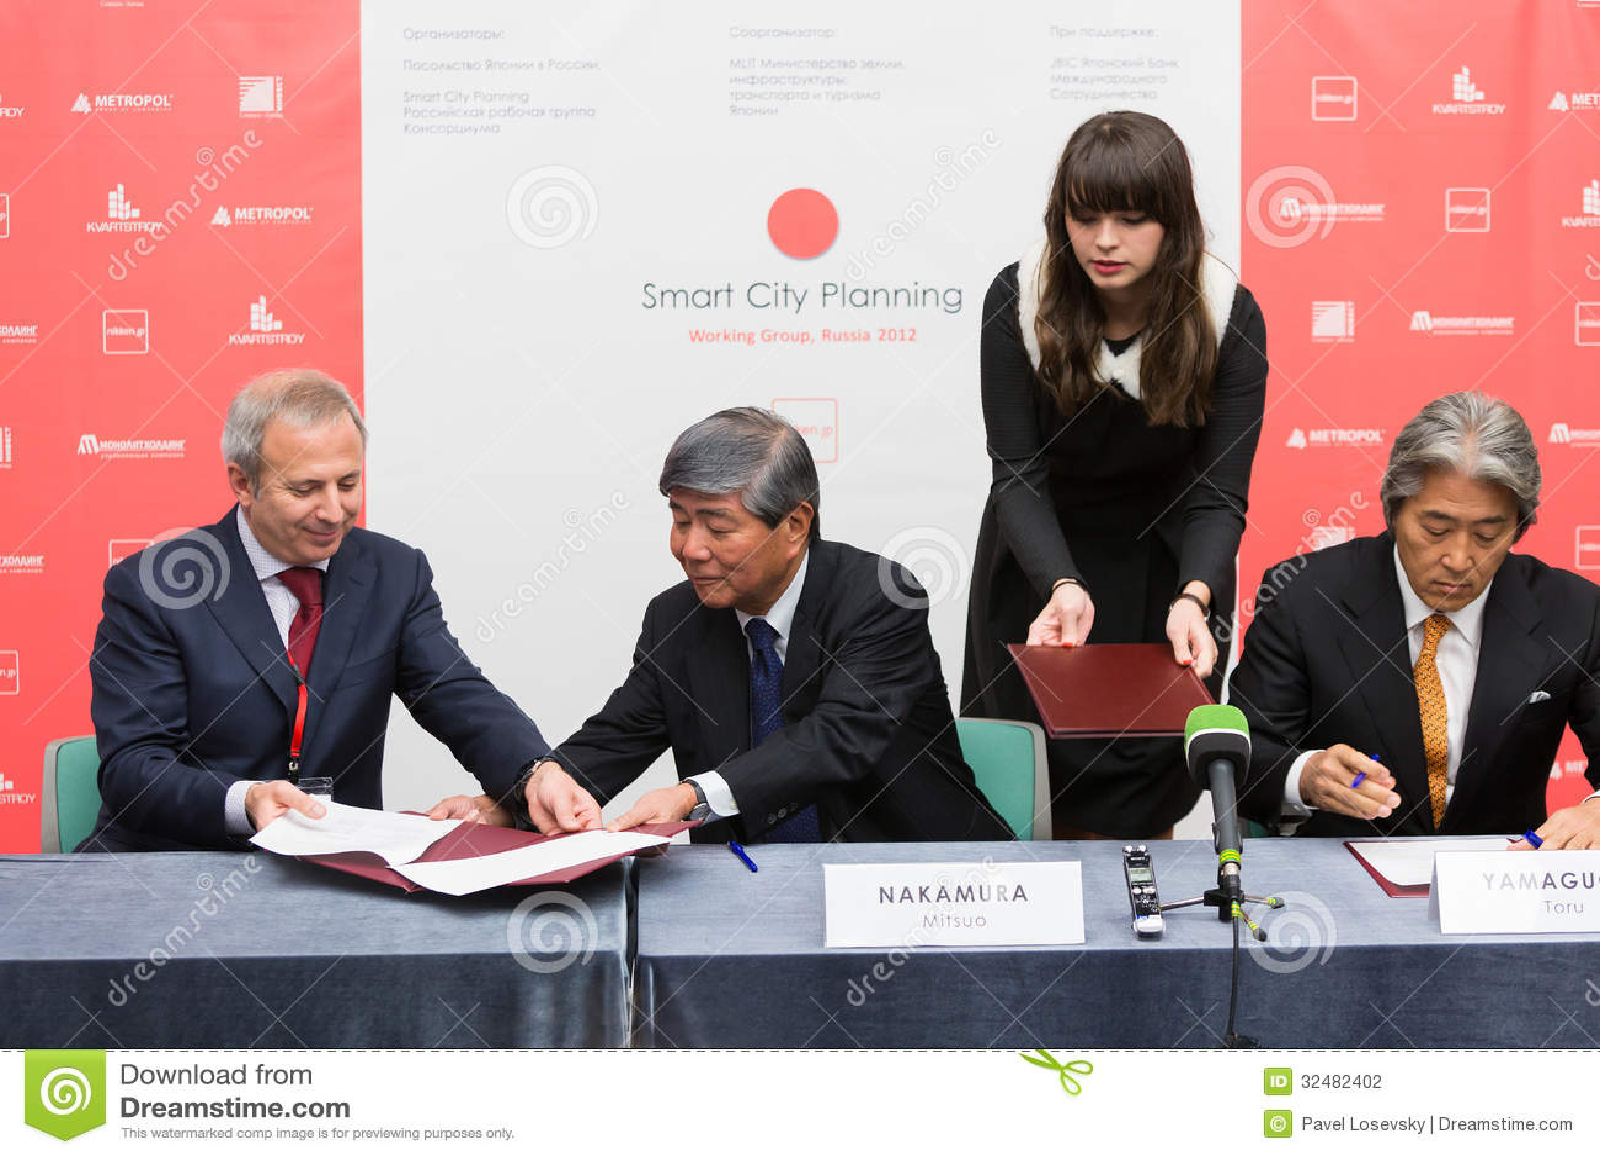 Unterzeichnen der Absichtserklärung SCP mit einigen privaten russischen Immobiliengesellschaften